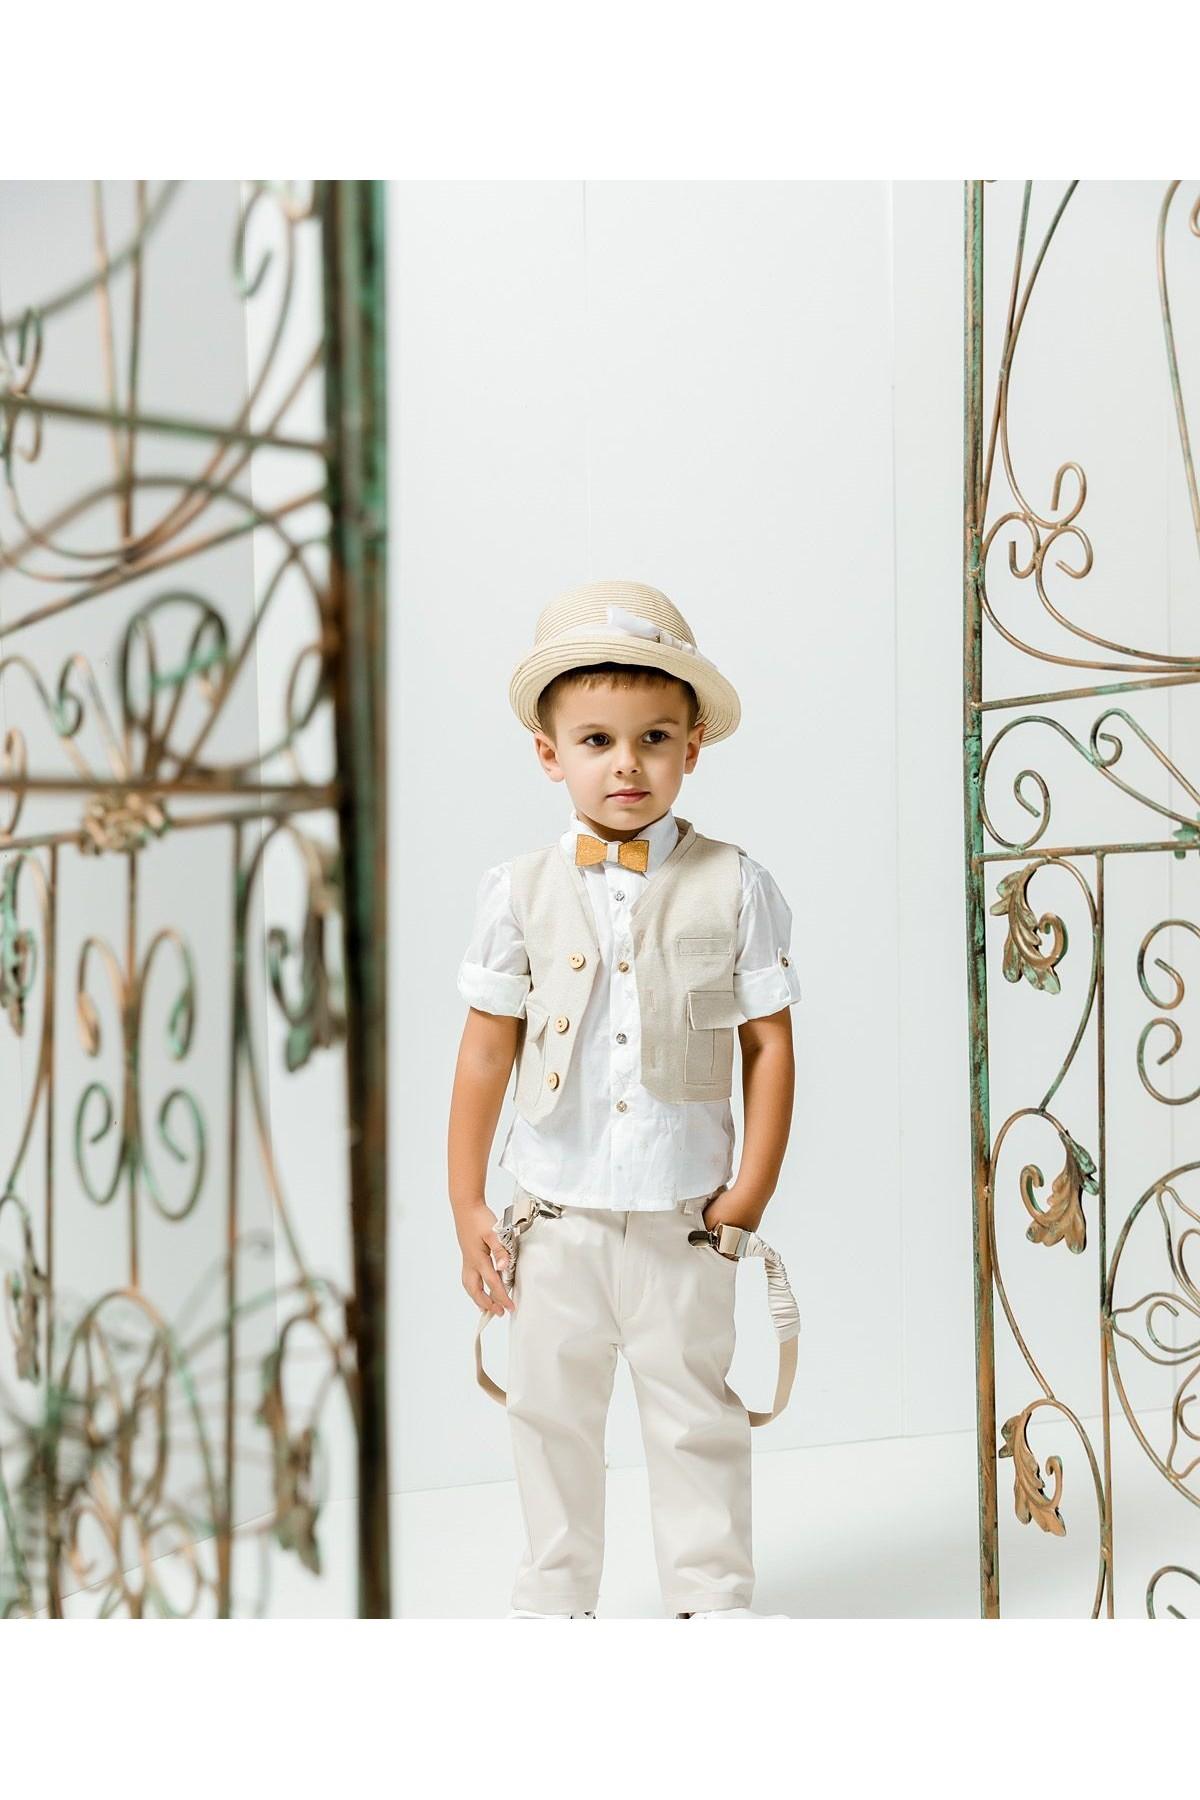 Βαπτιστικό σύνολο αγόρι με παστέλ μπεζ παντελόνι και λευκό πουκάμισο με μπεζ αστεράκια